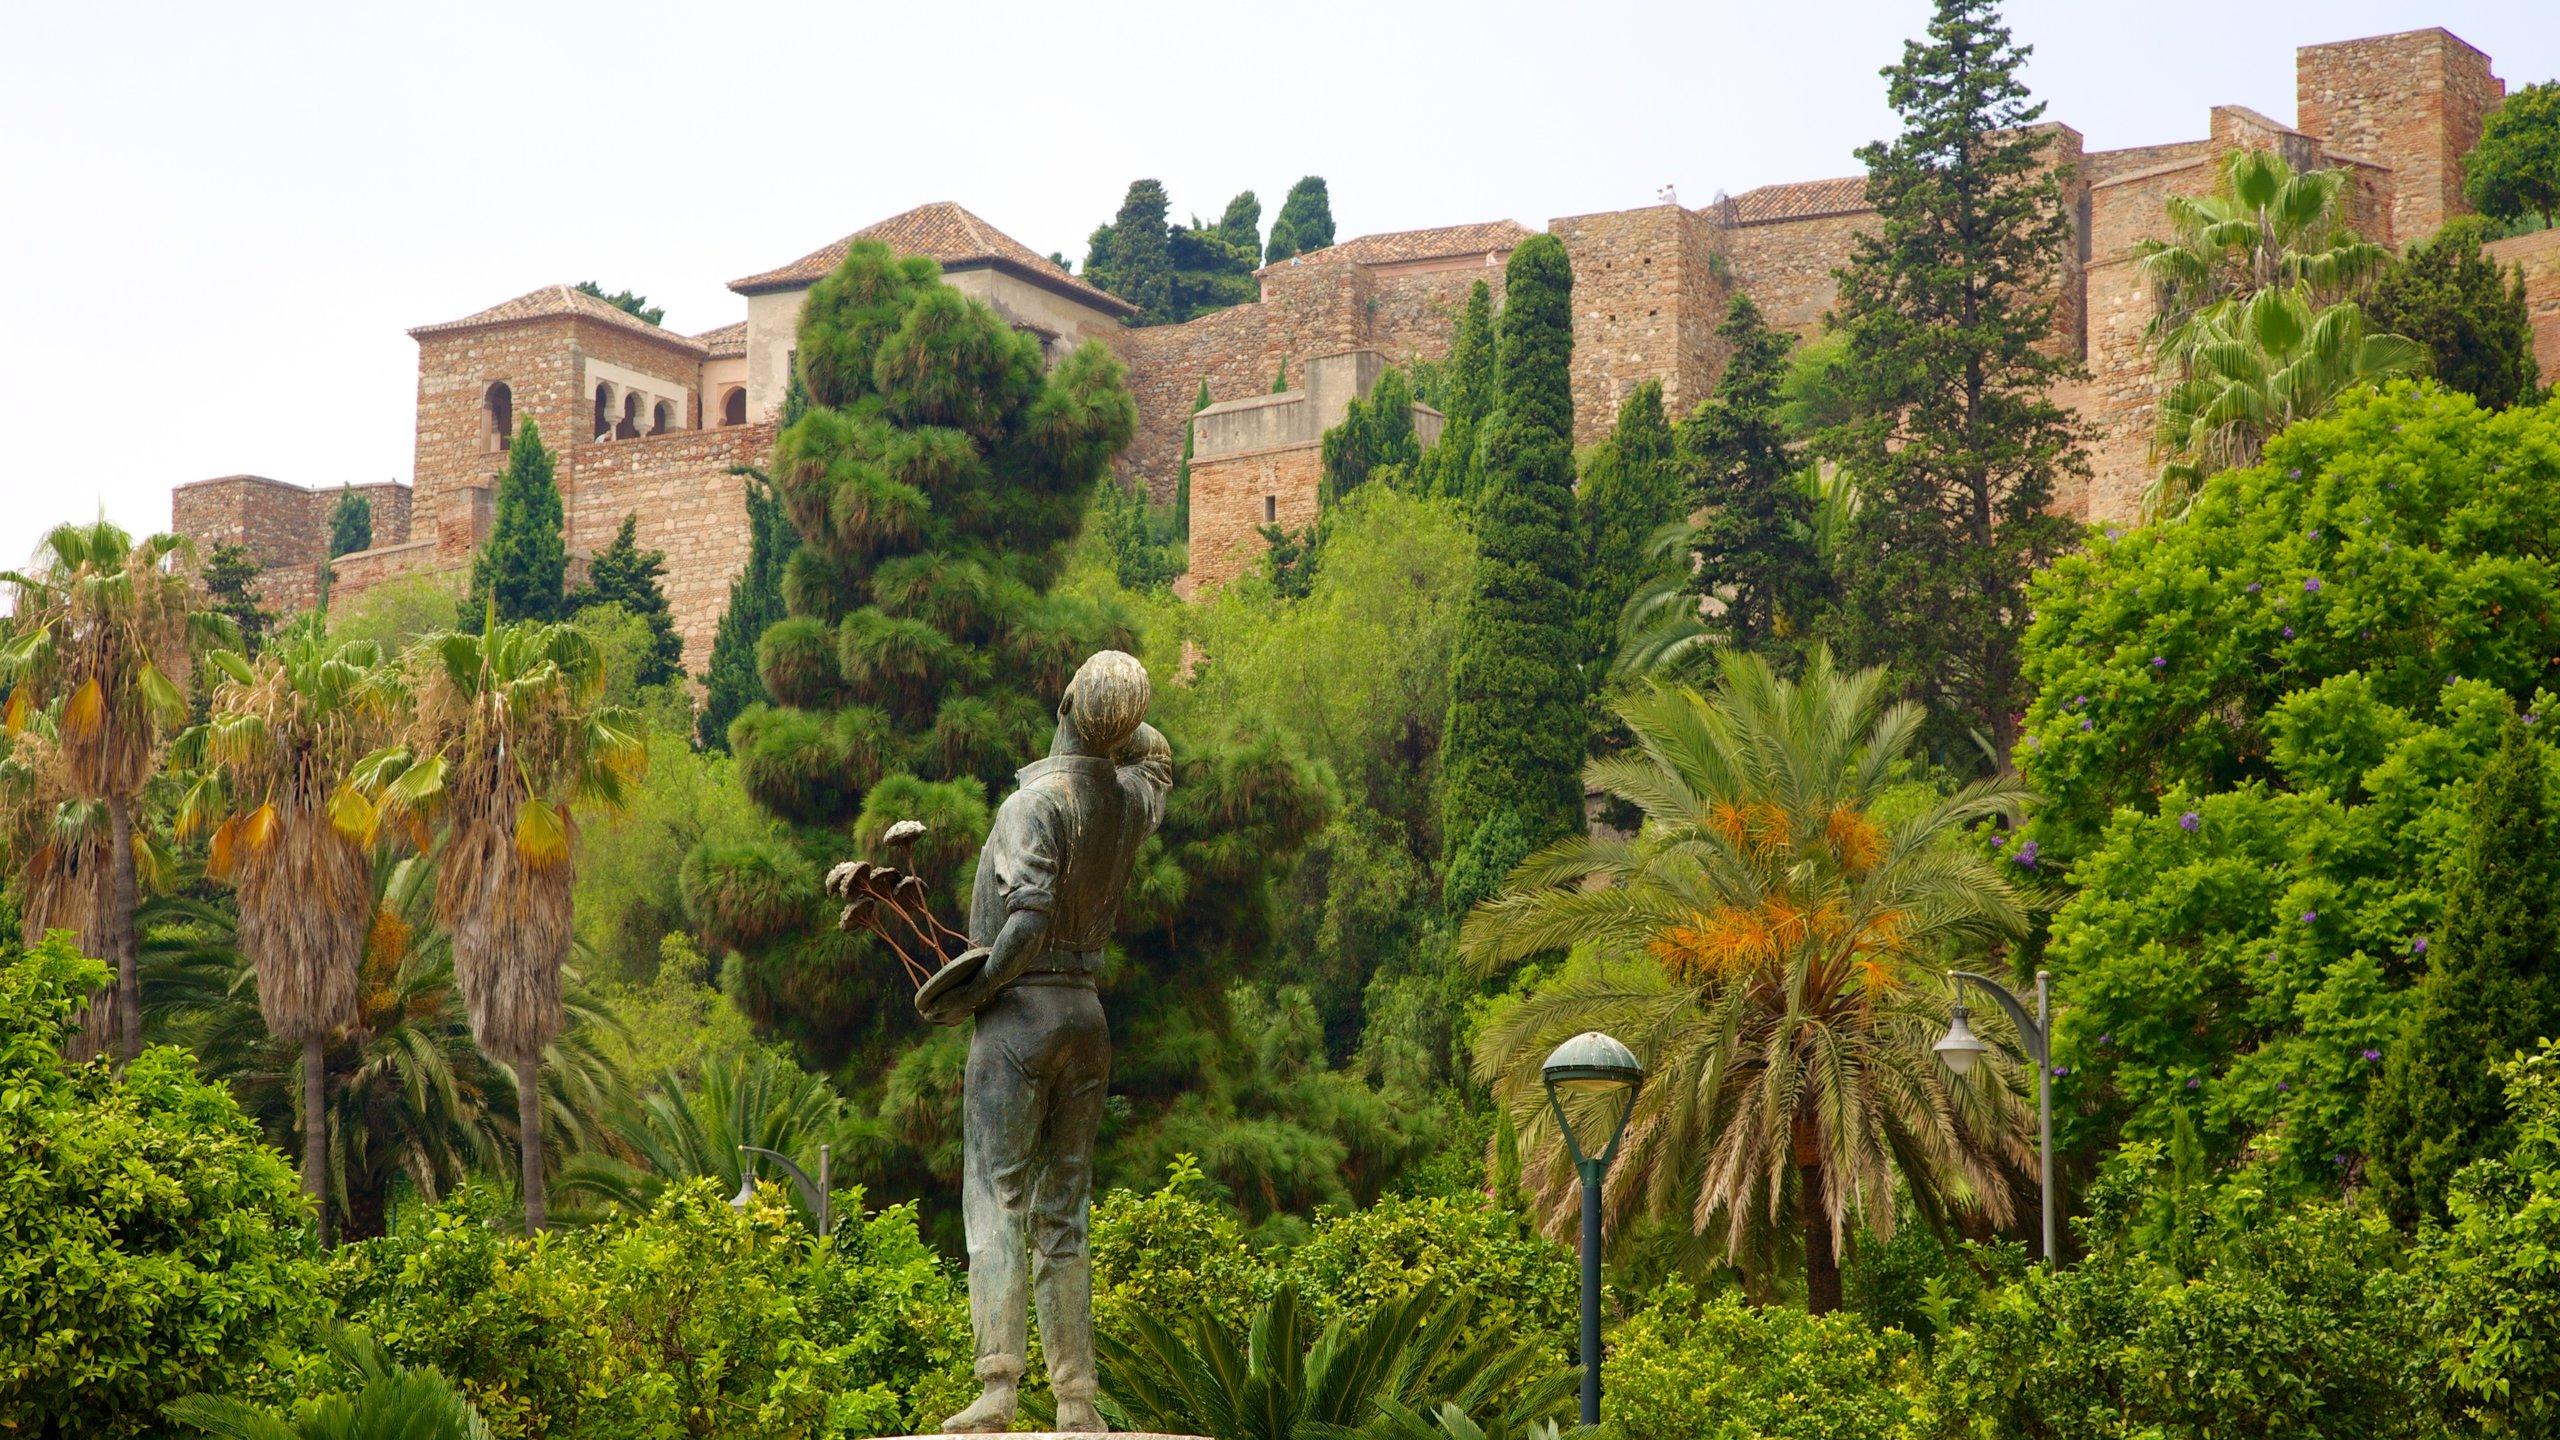 Explore a residência esplendidamente decorada dos sultões árabes e outros governantes nessa fortaleza de mil anos construída sobre as ruínas de um povoado romano.